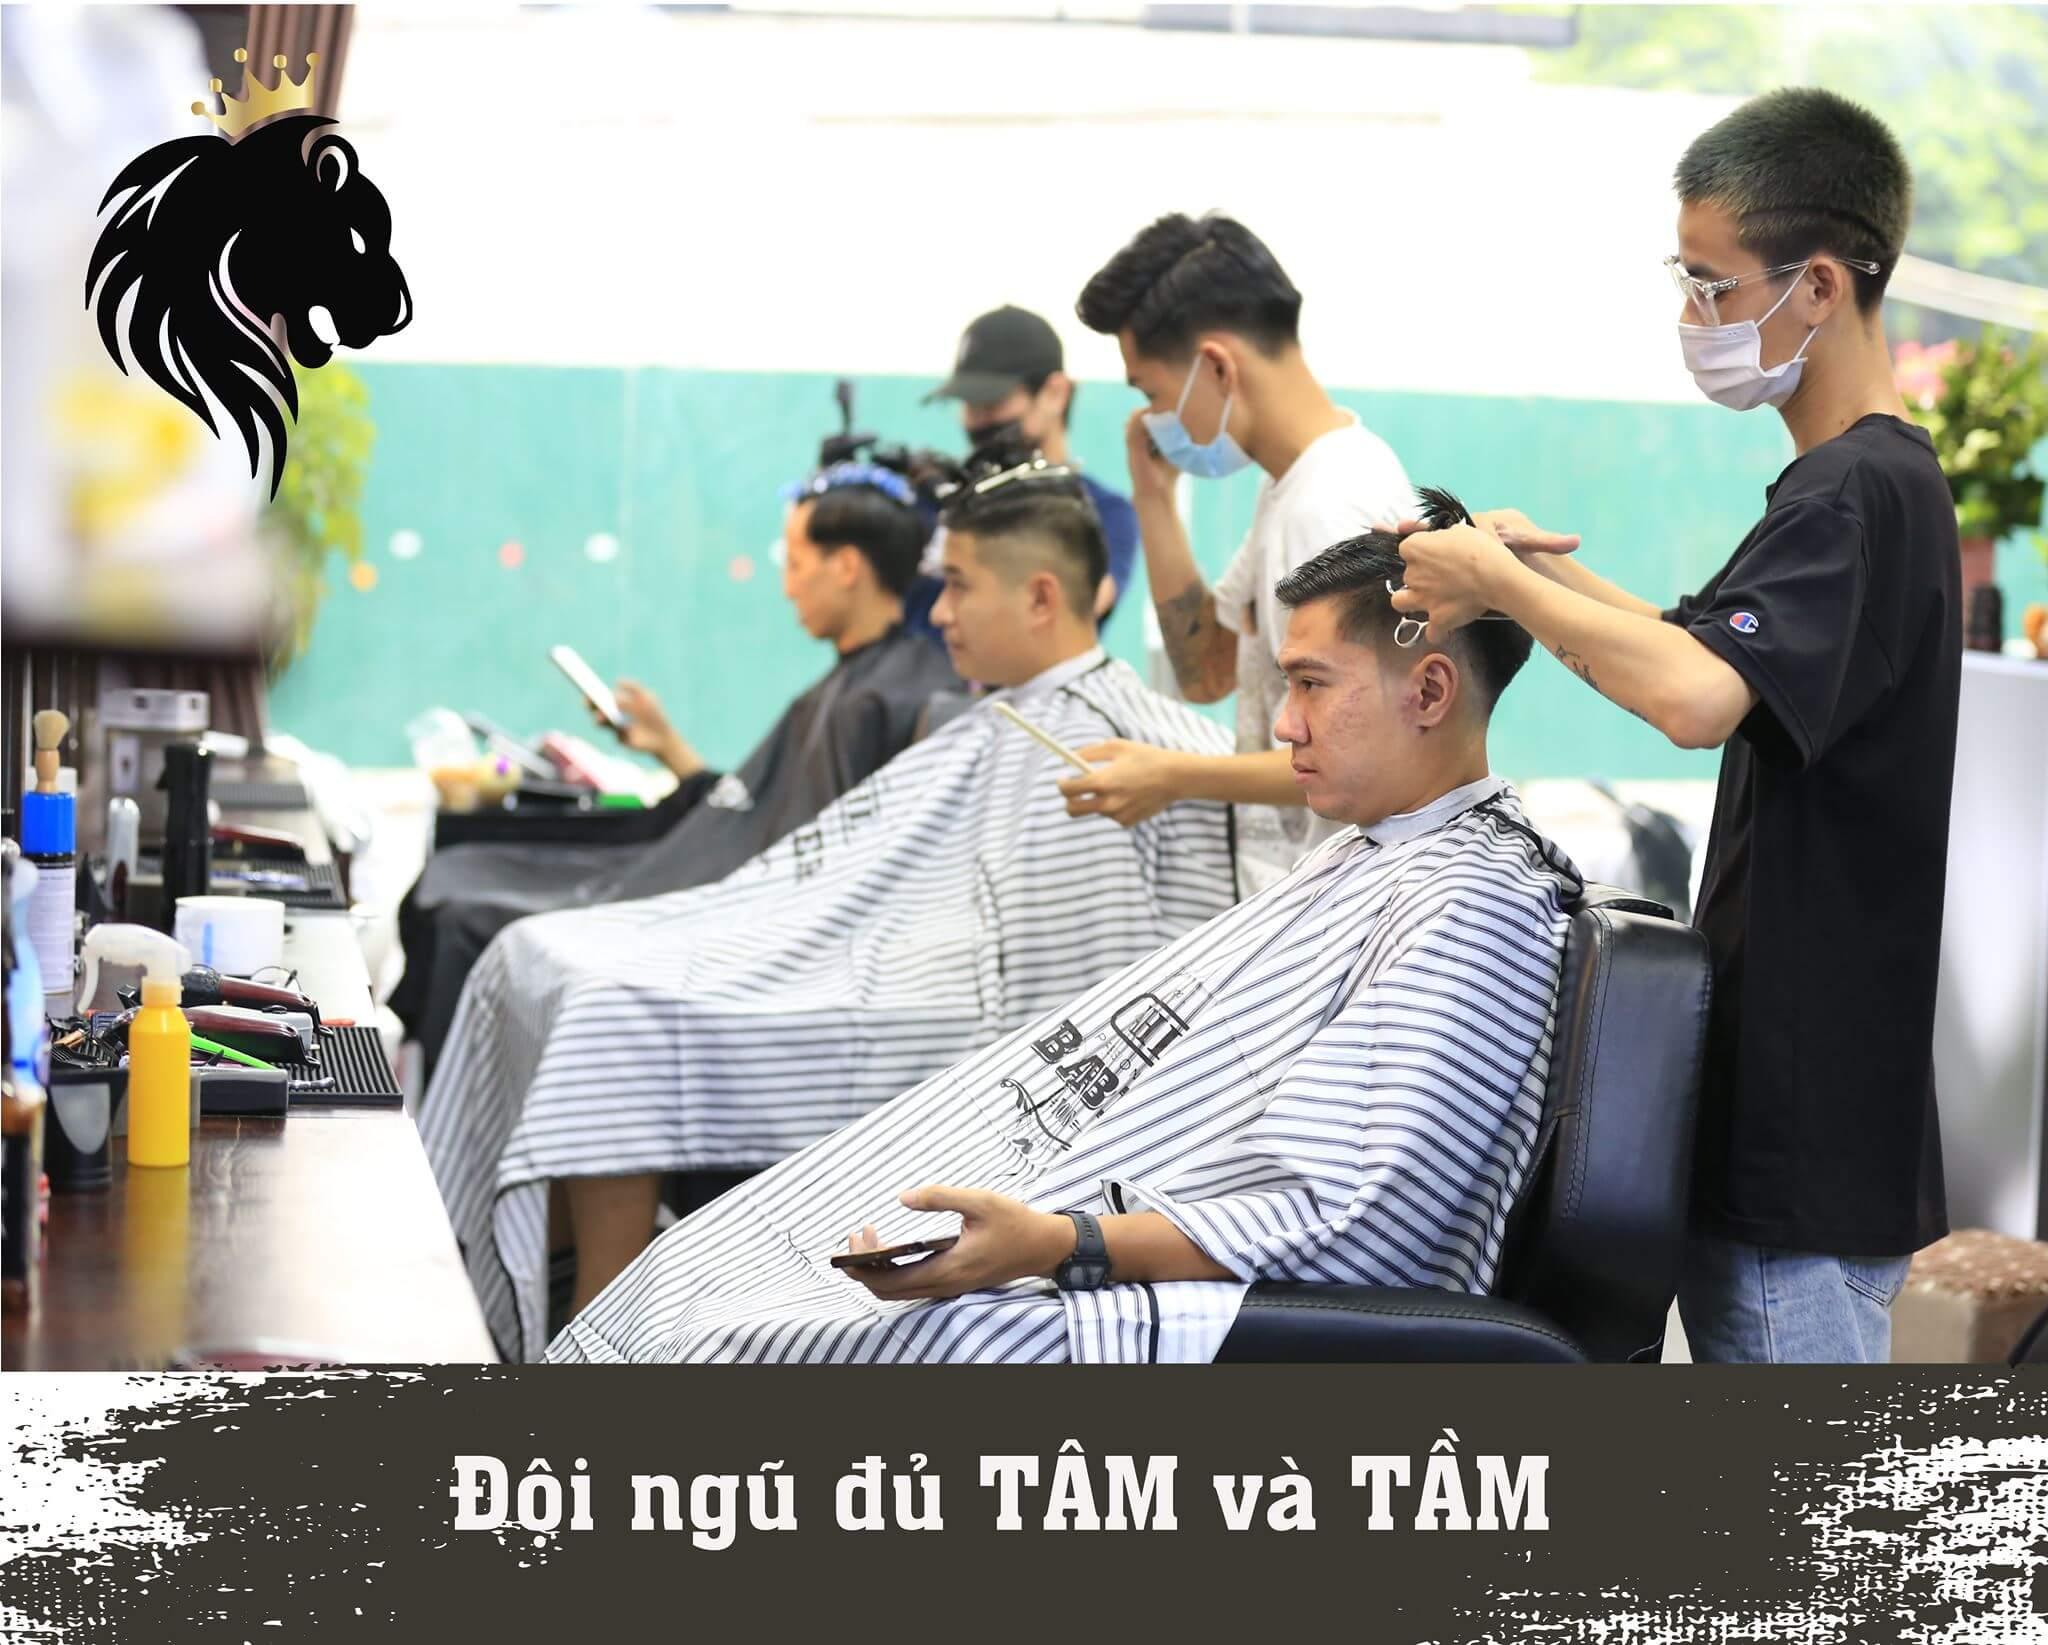 mane-man barber long biên